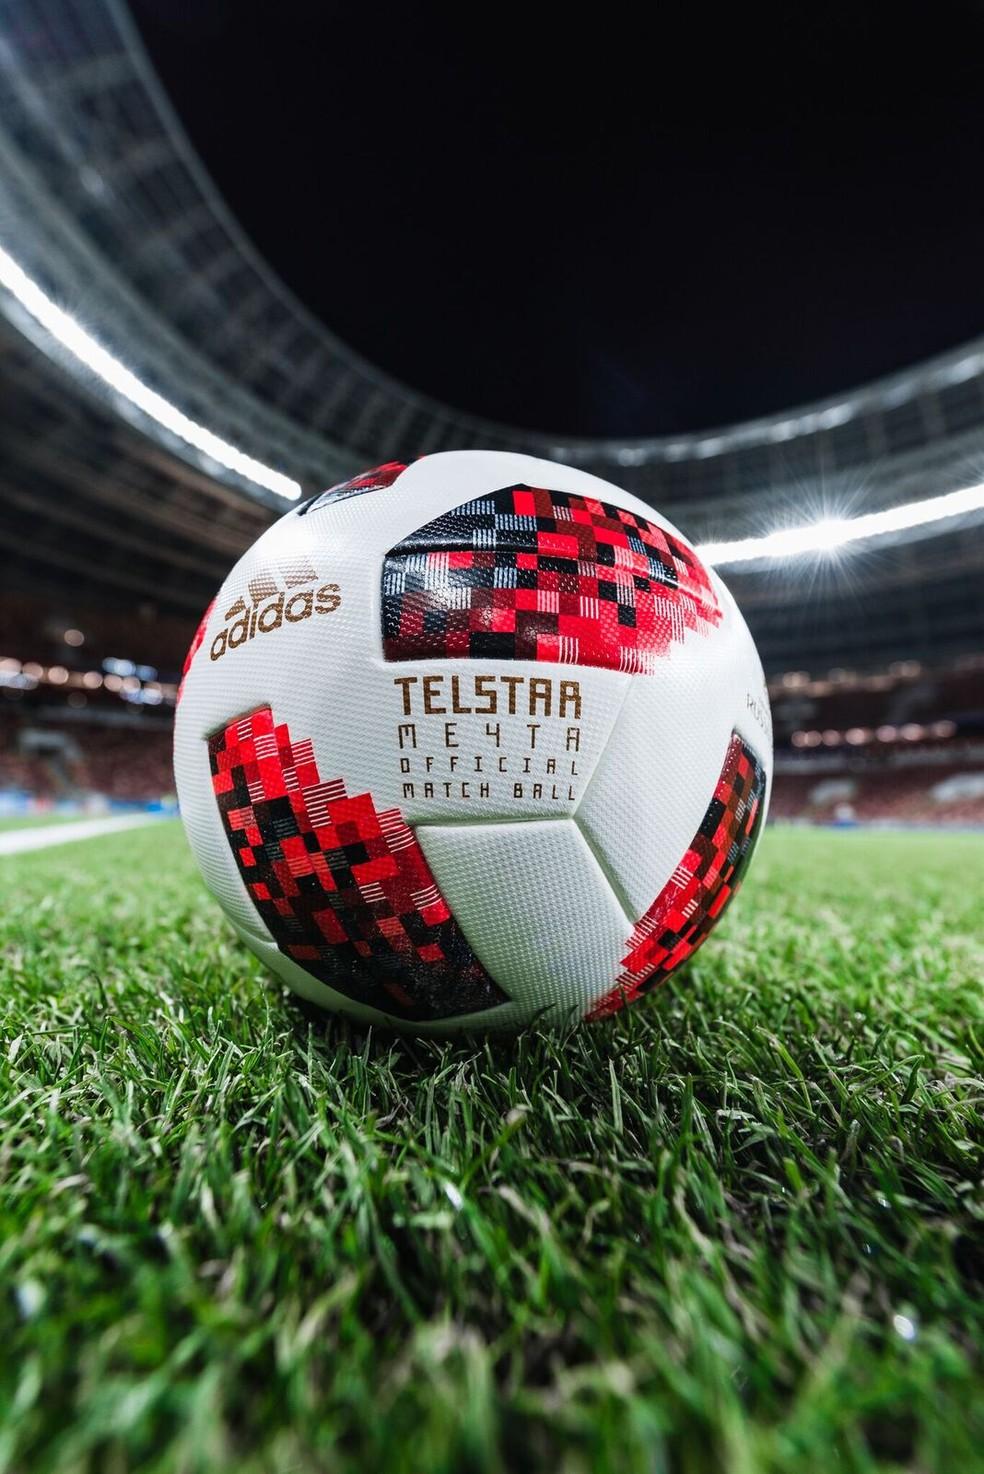 Telstar Mechta será usada a partir do dia 30 de junho (Foto: Divulgação)